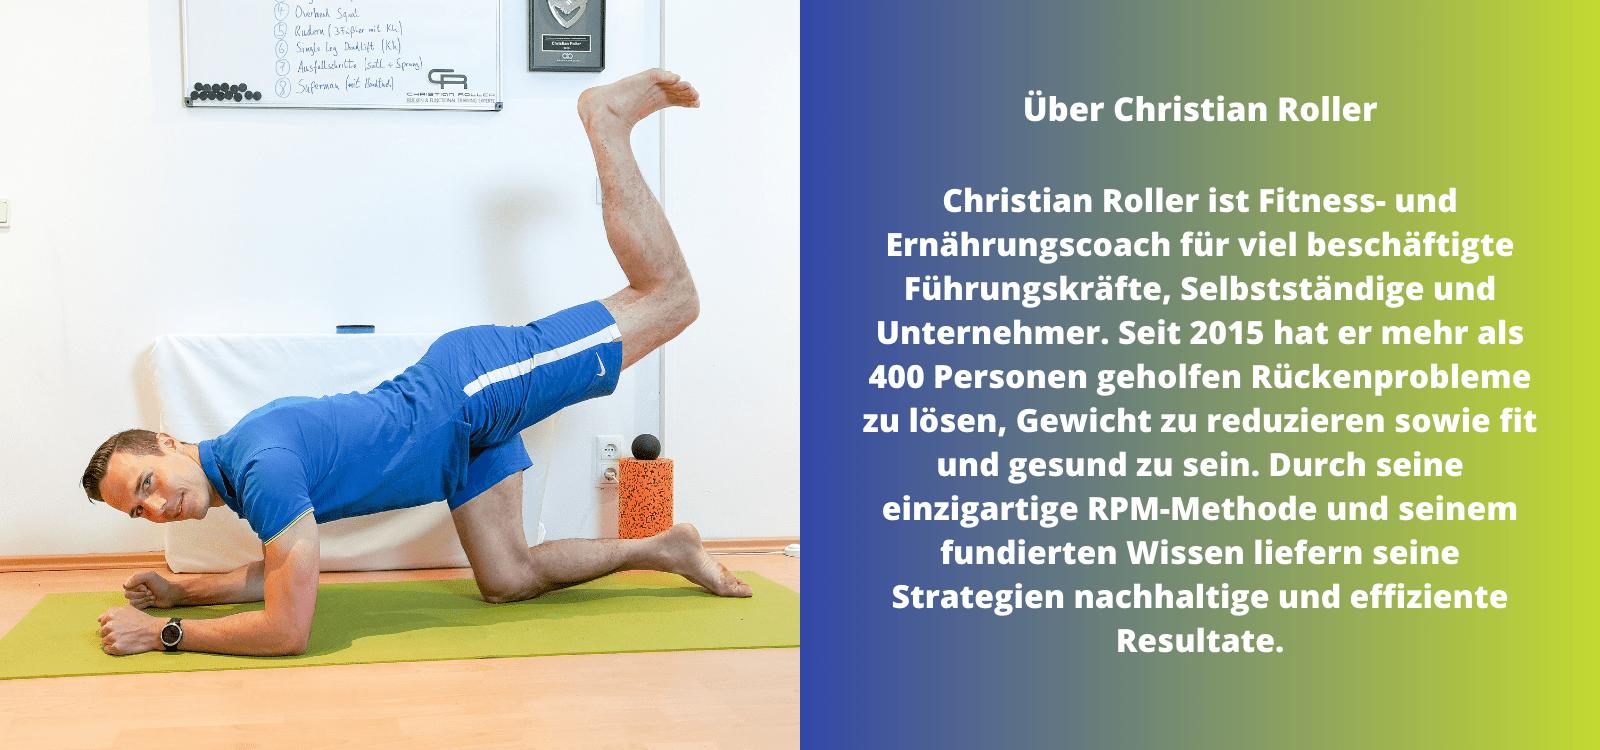 Christian Roller | Fitness- & Ernährungscoach